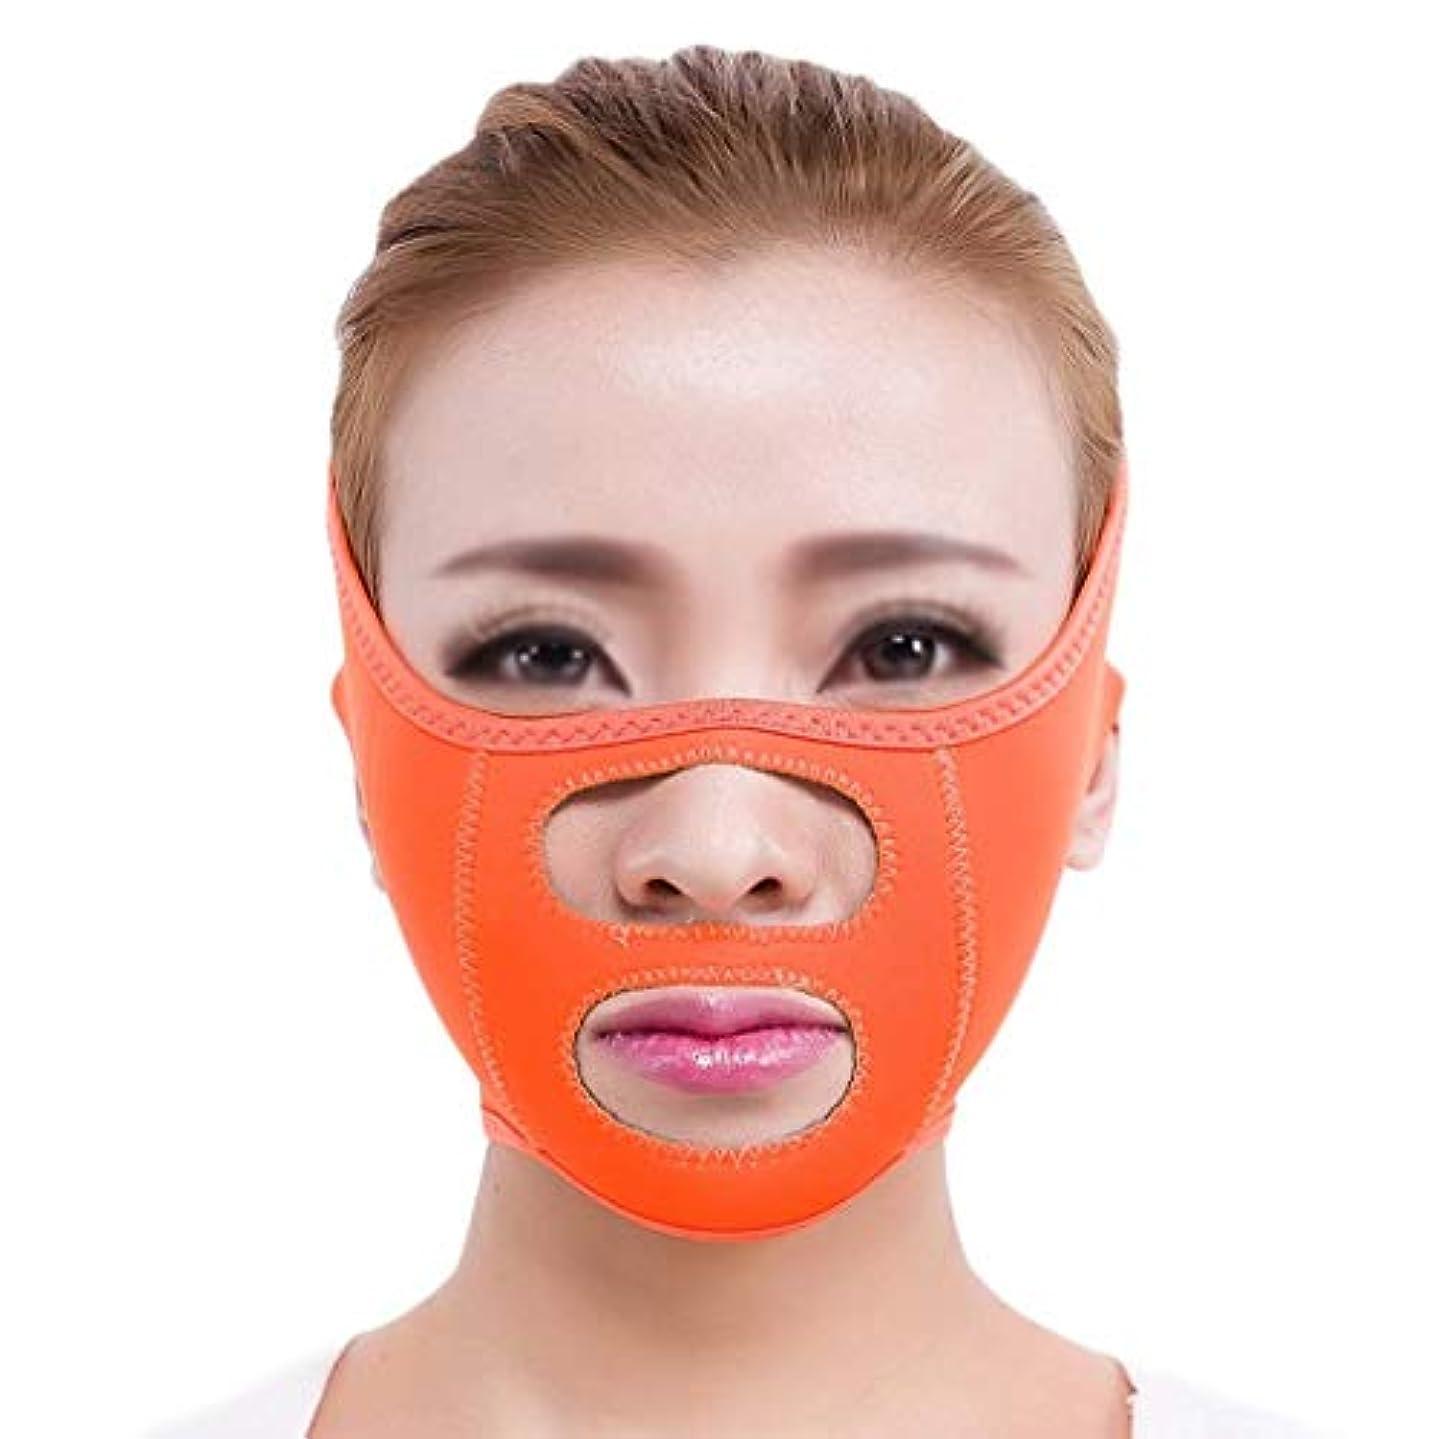 息苦しい親密なマウントバンクチンストラップ、フェイスリフティングマスク、ダブルチン、フェイスリフティングに最適、リフティングフェイシャルスキン、フェイシャル減量マスク、フェイスリフティングベルト(フリーサイズ)(カラー:ブルー),オレンジ